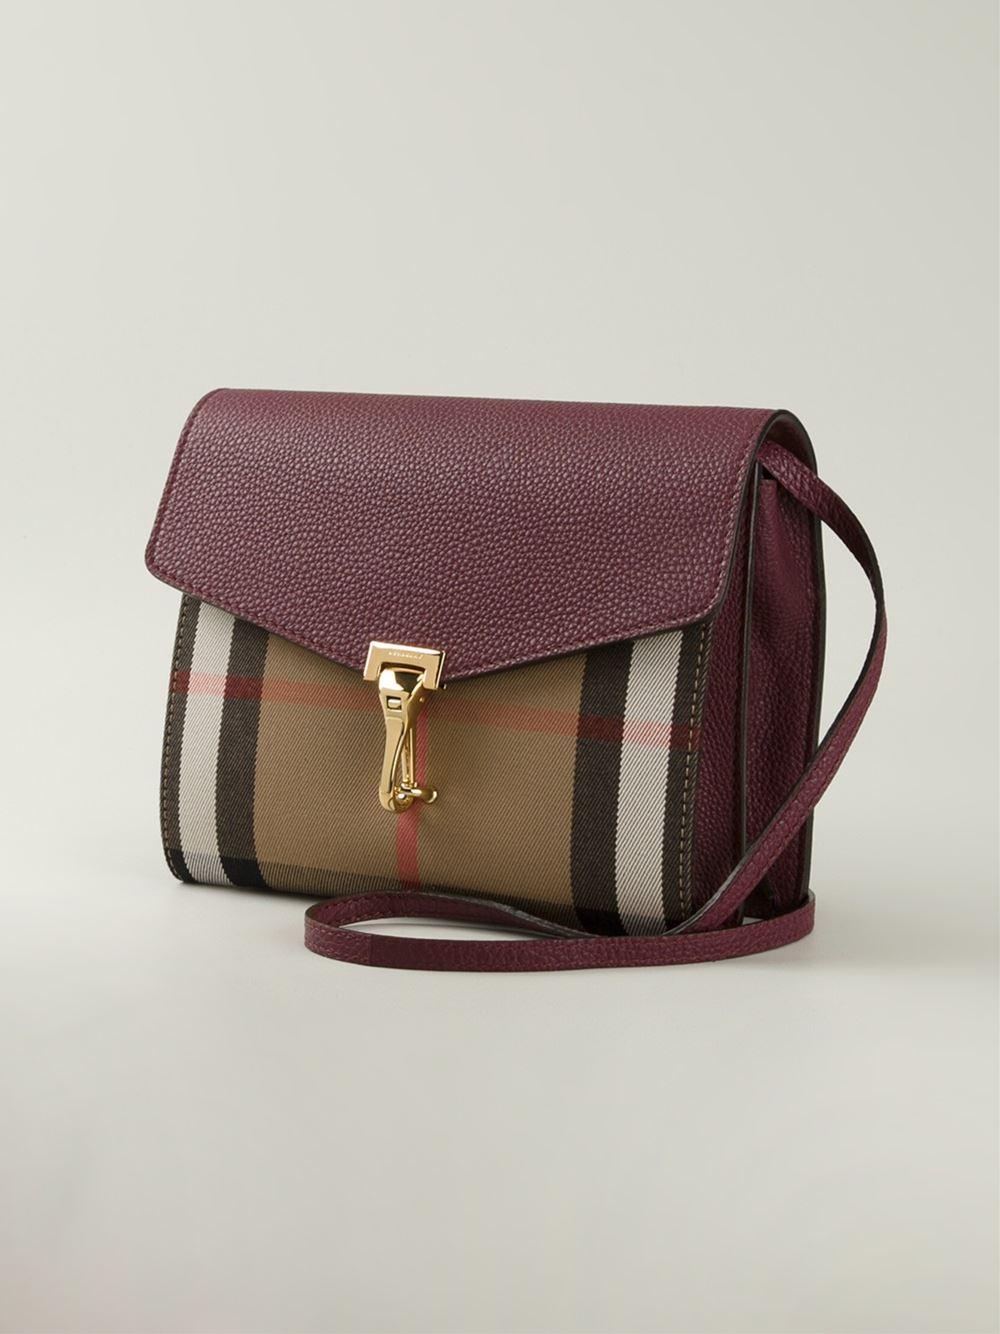 07532d423914 Lyst - Burberry Macken Small Cross-Body Bag in Purple